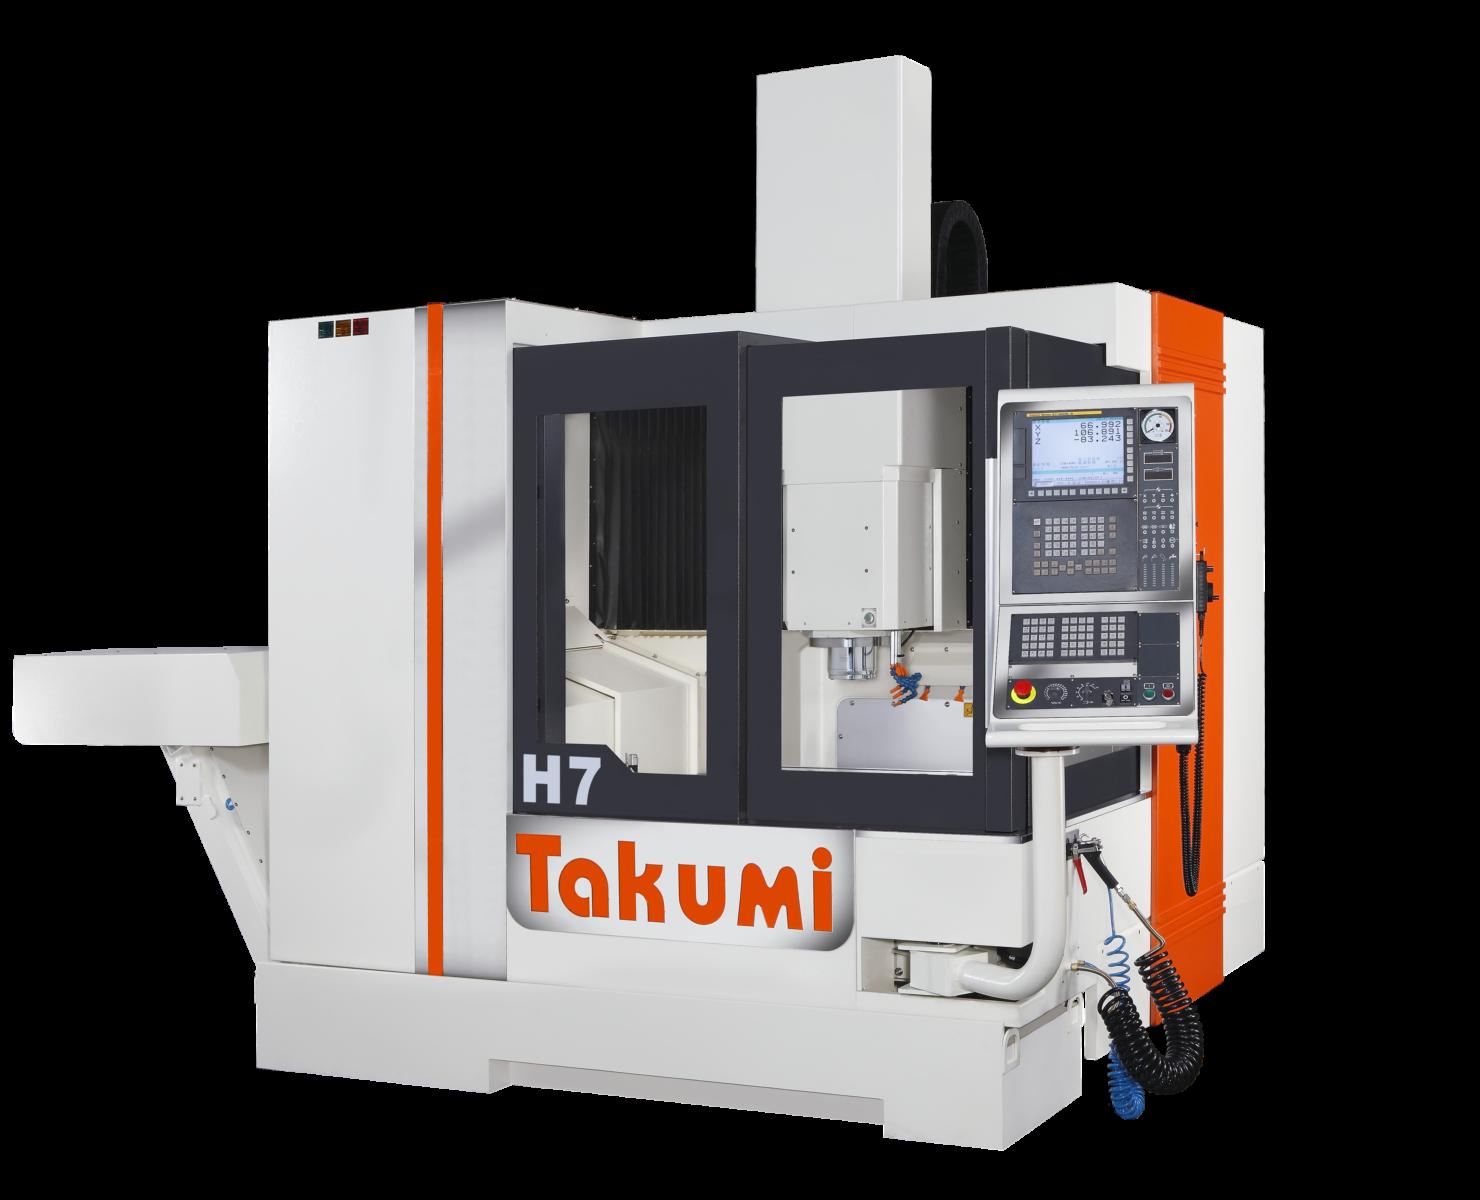 Takumi H7: 3-assig bewerkingscentrum met Heidenhain-regeling voor matrijzen en mallen.